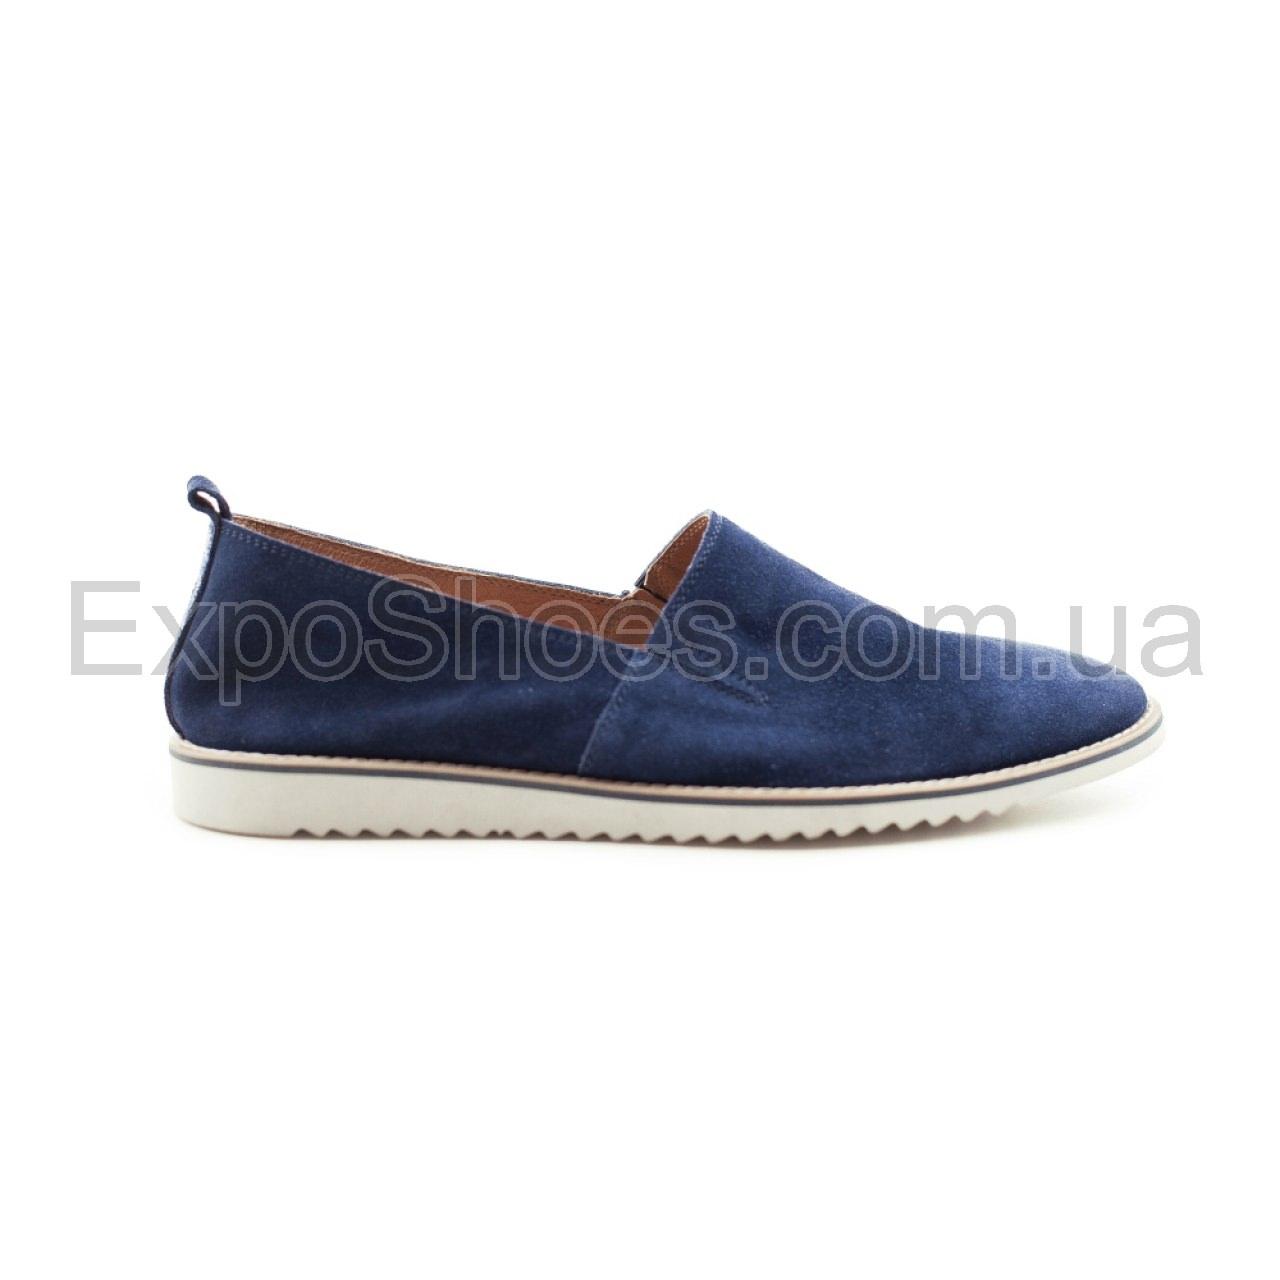 Мужская обувь от украинских производителей